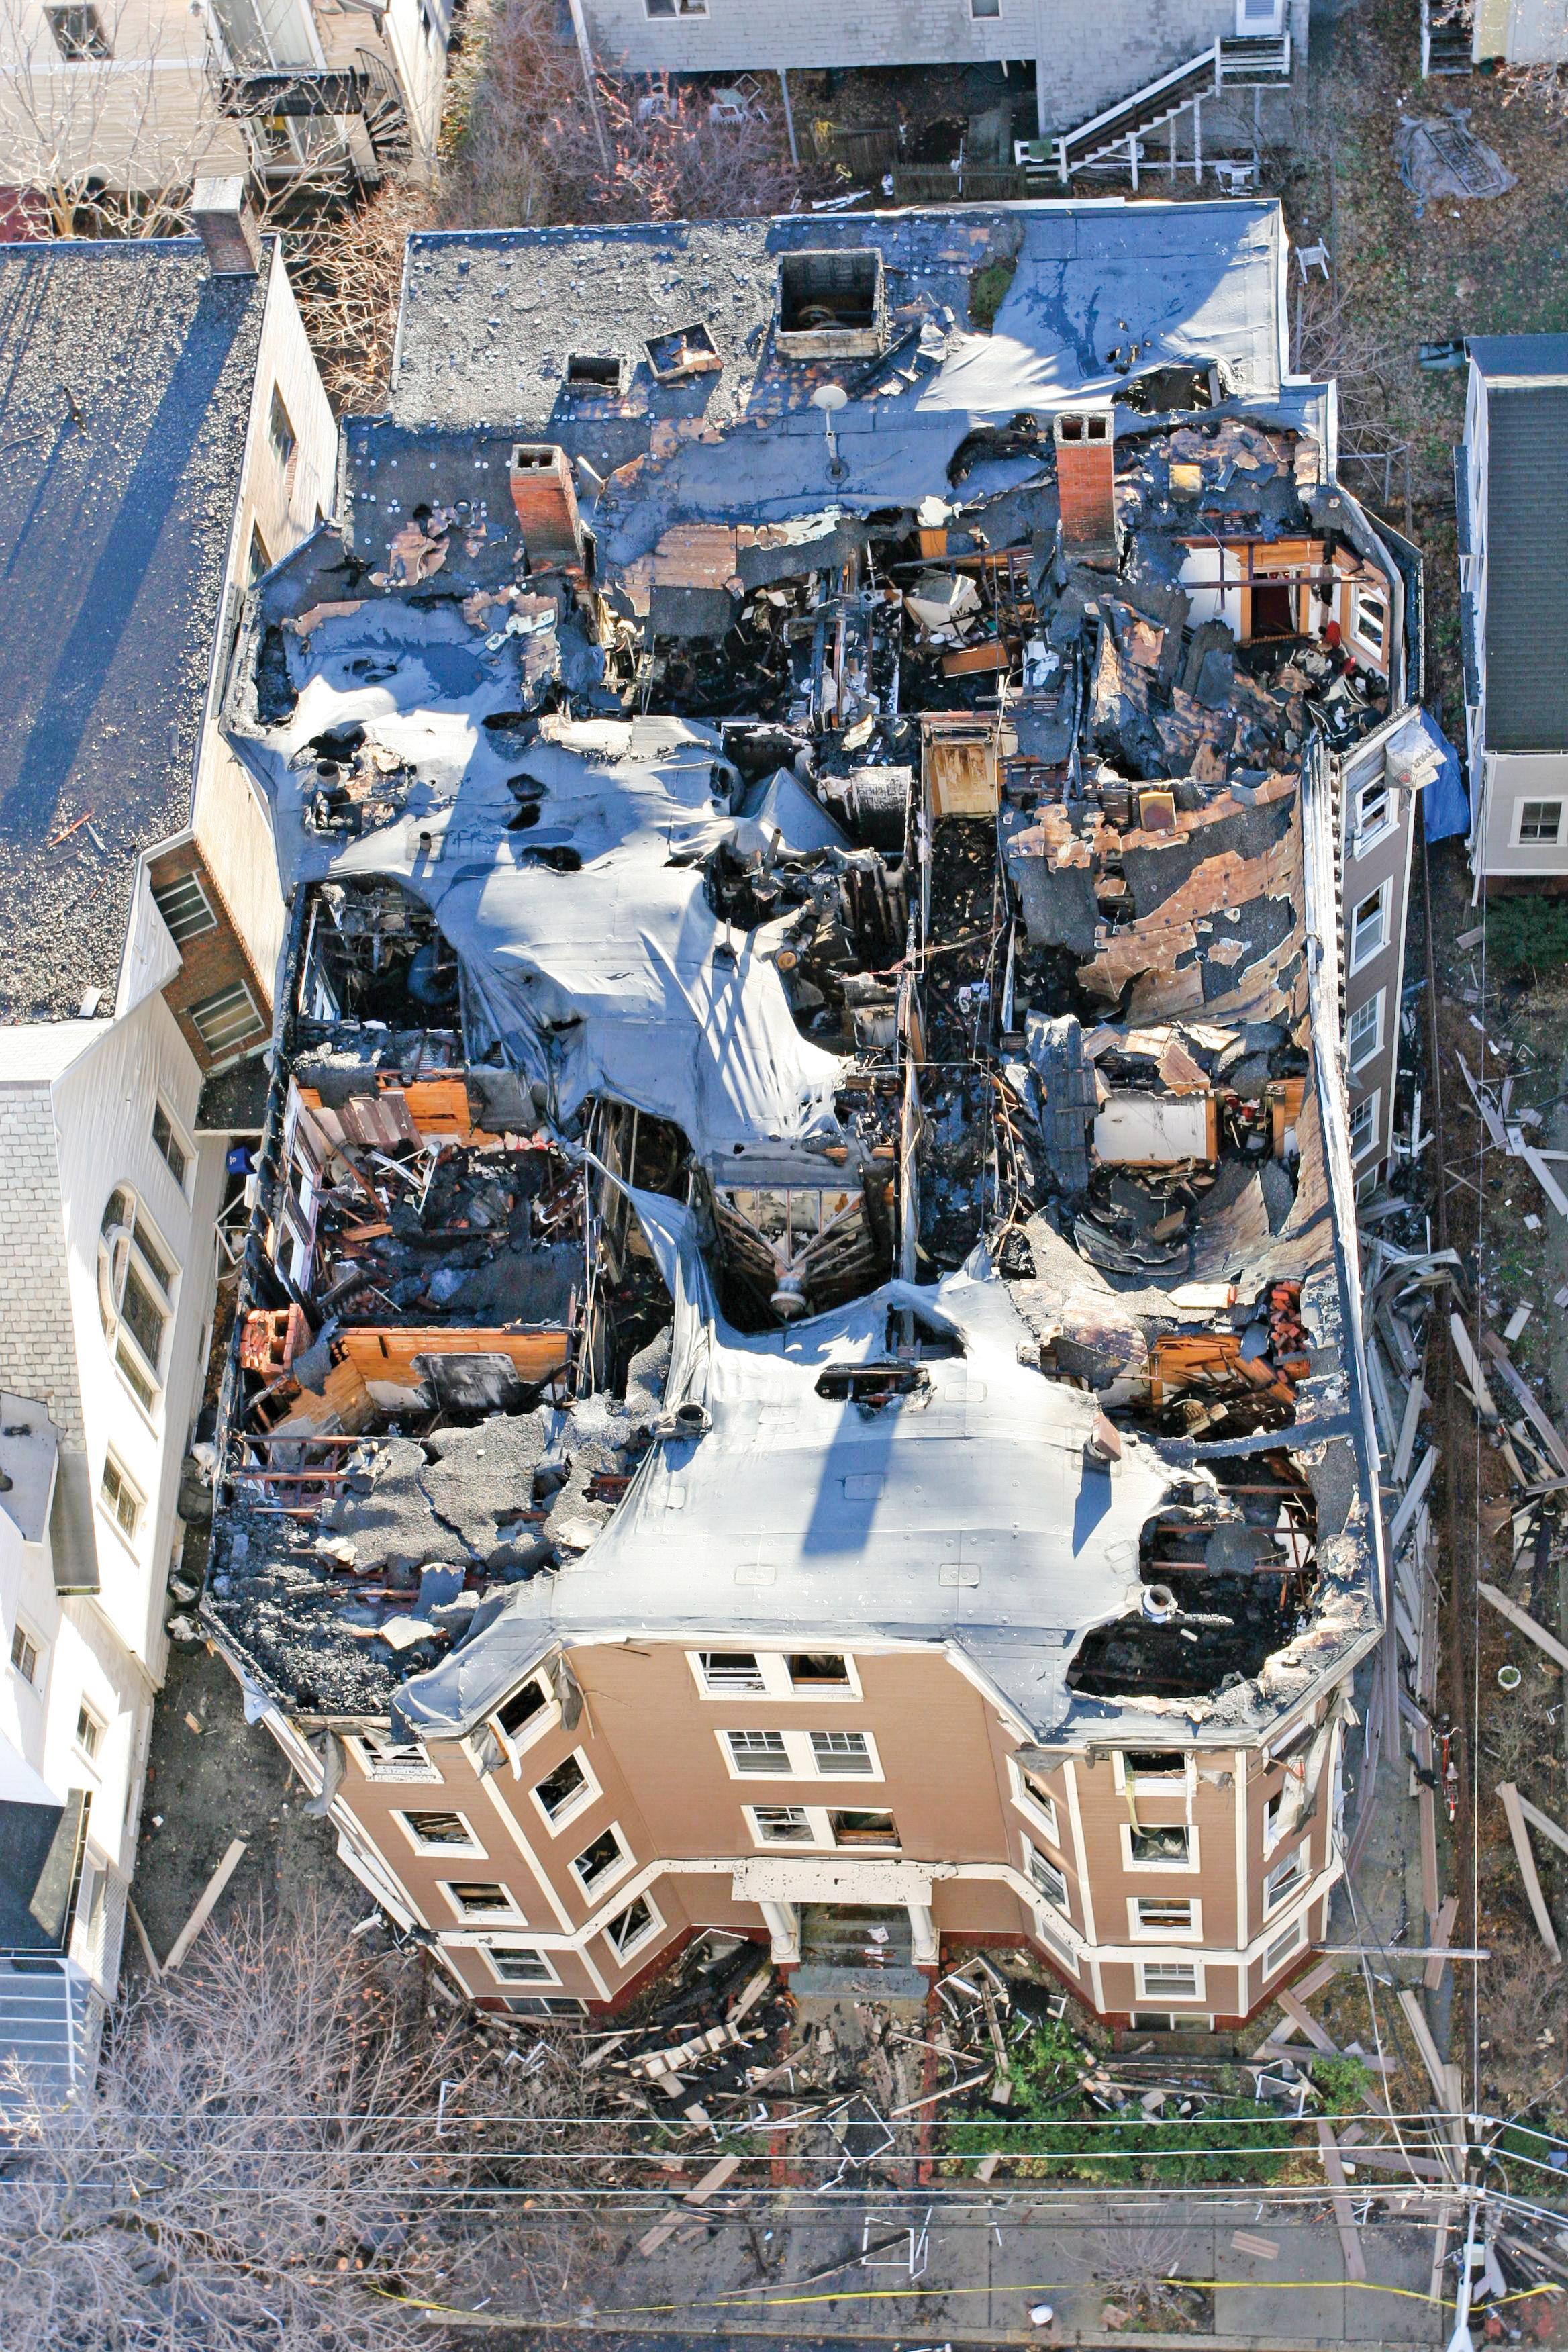 Cambridge Condo Fire Damage | Professional Loss Adjusters